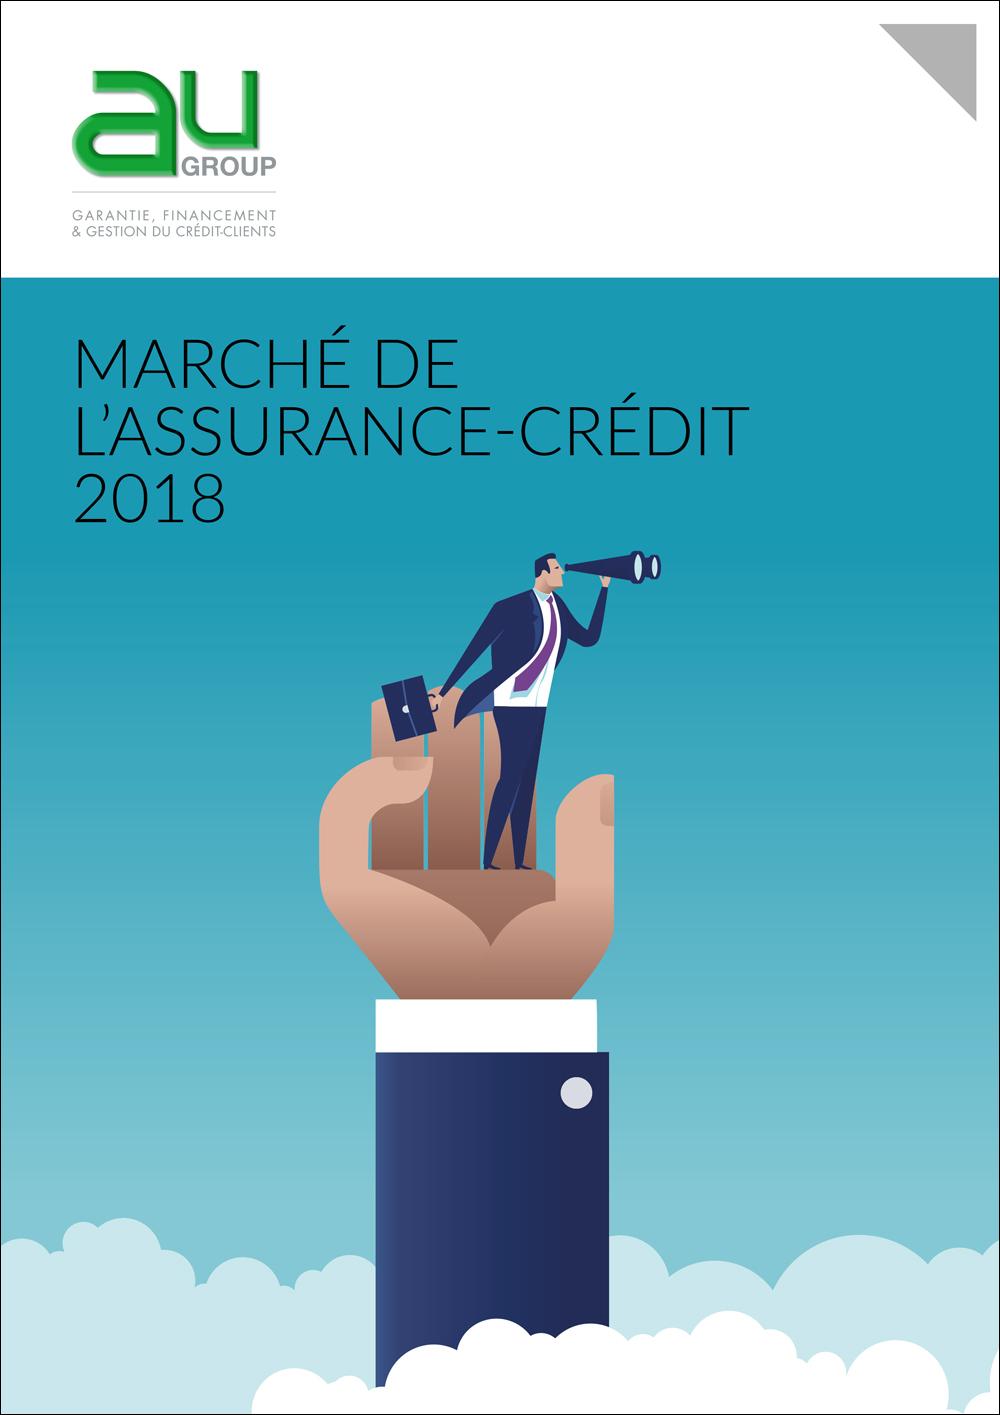 Marché de l'Assurance-Crédit 2018